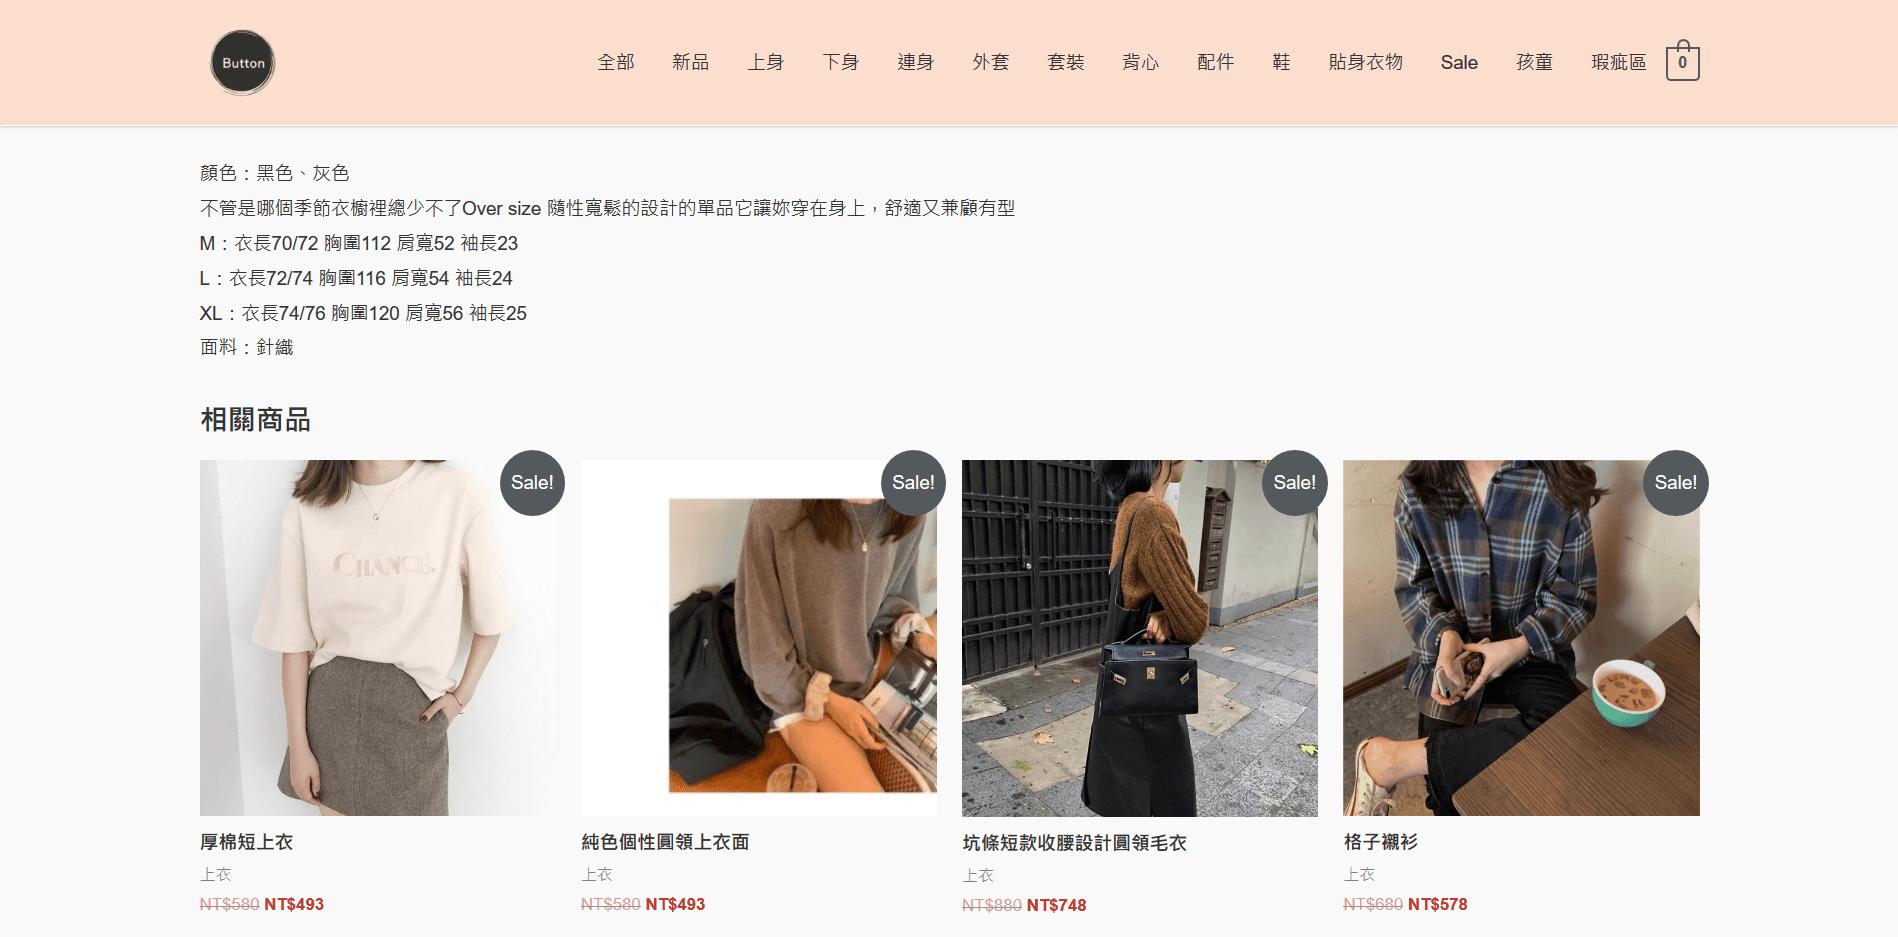 塗鴉寬鬆上衣 – 鈕扣衣櫥(1)